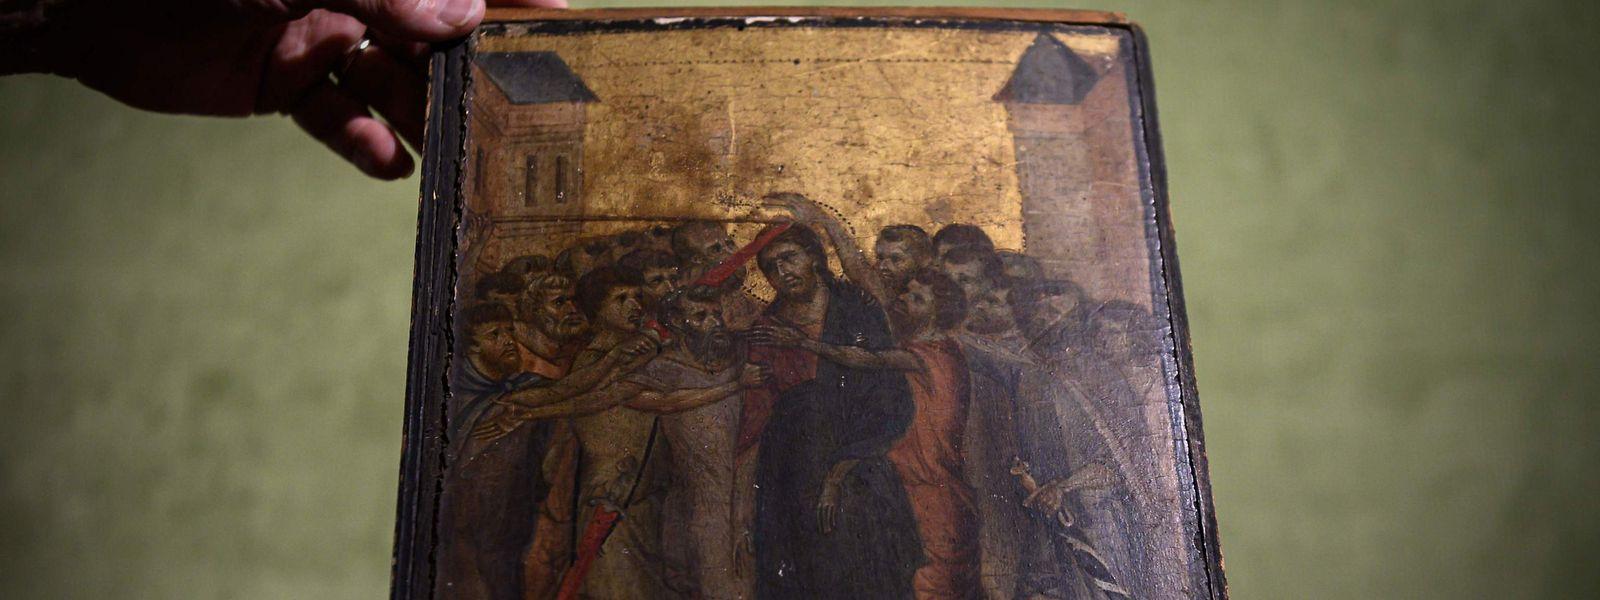 """""""Christus wird verspottet"""" von Cimabue aus dem Jahr 1280. Jahrzehntelang hatte eine französische Seniorin das Meisterwerk über dem Herd hängen."""